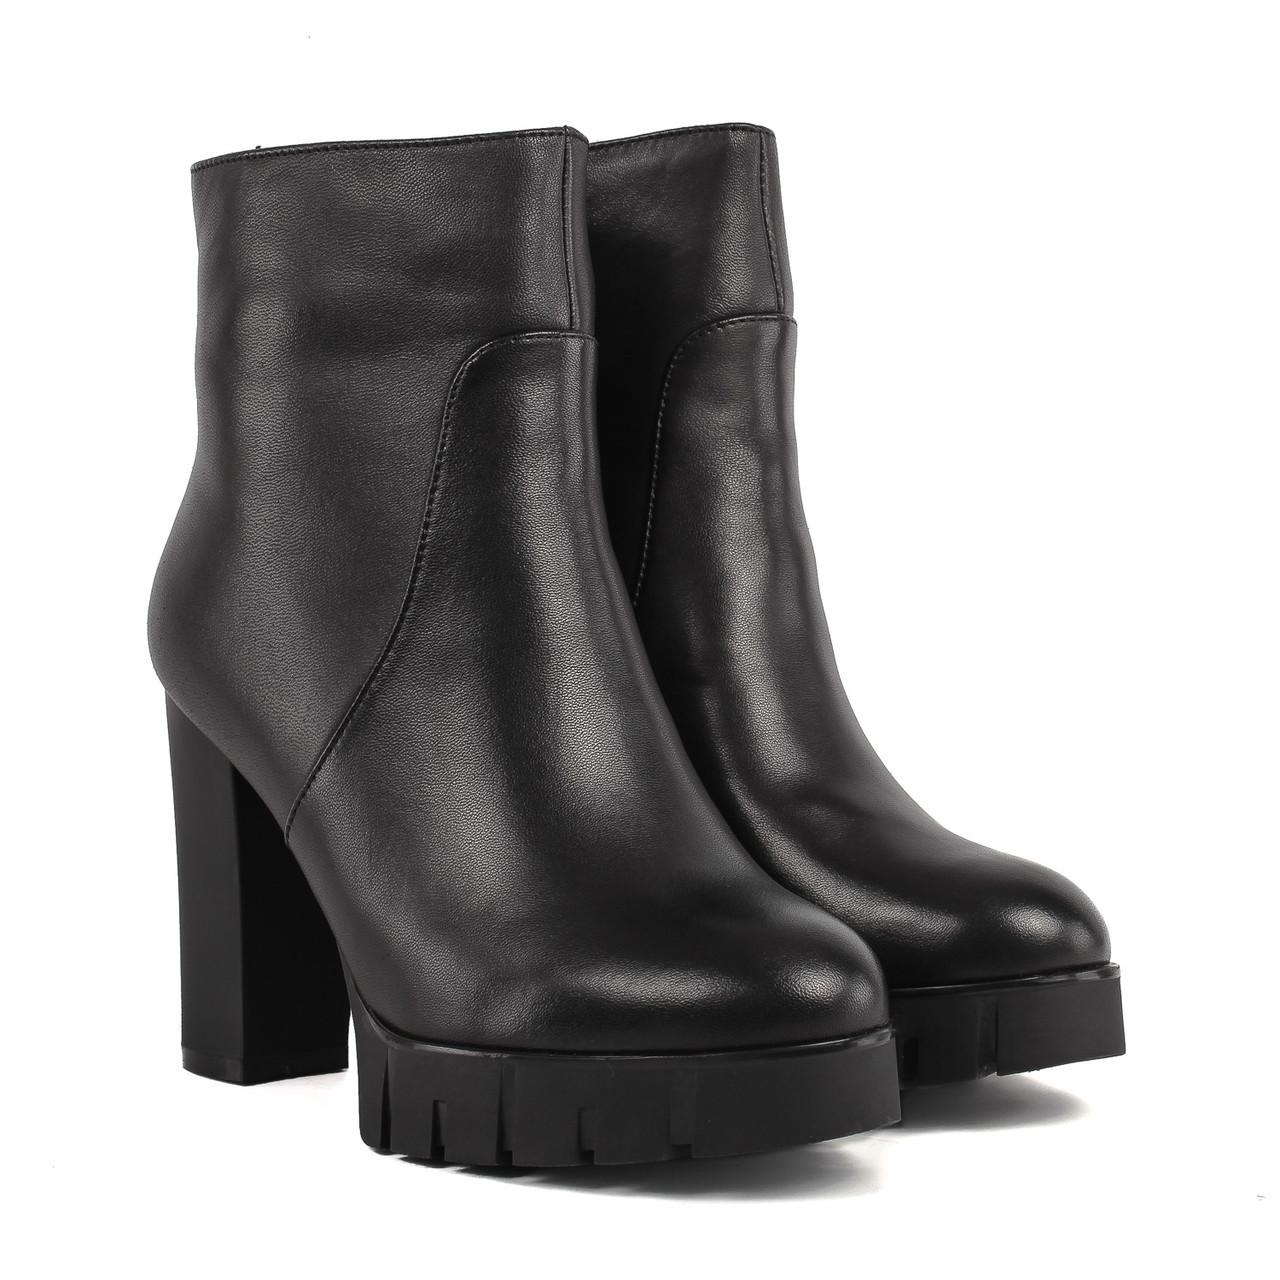 Ботильоны женские My Classic (черные, кожаные, на каблуке, модные)